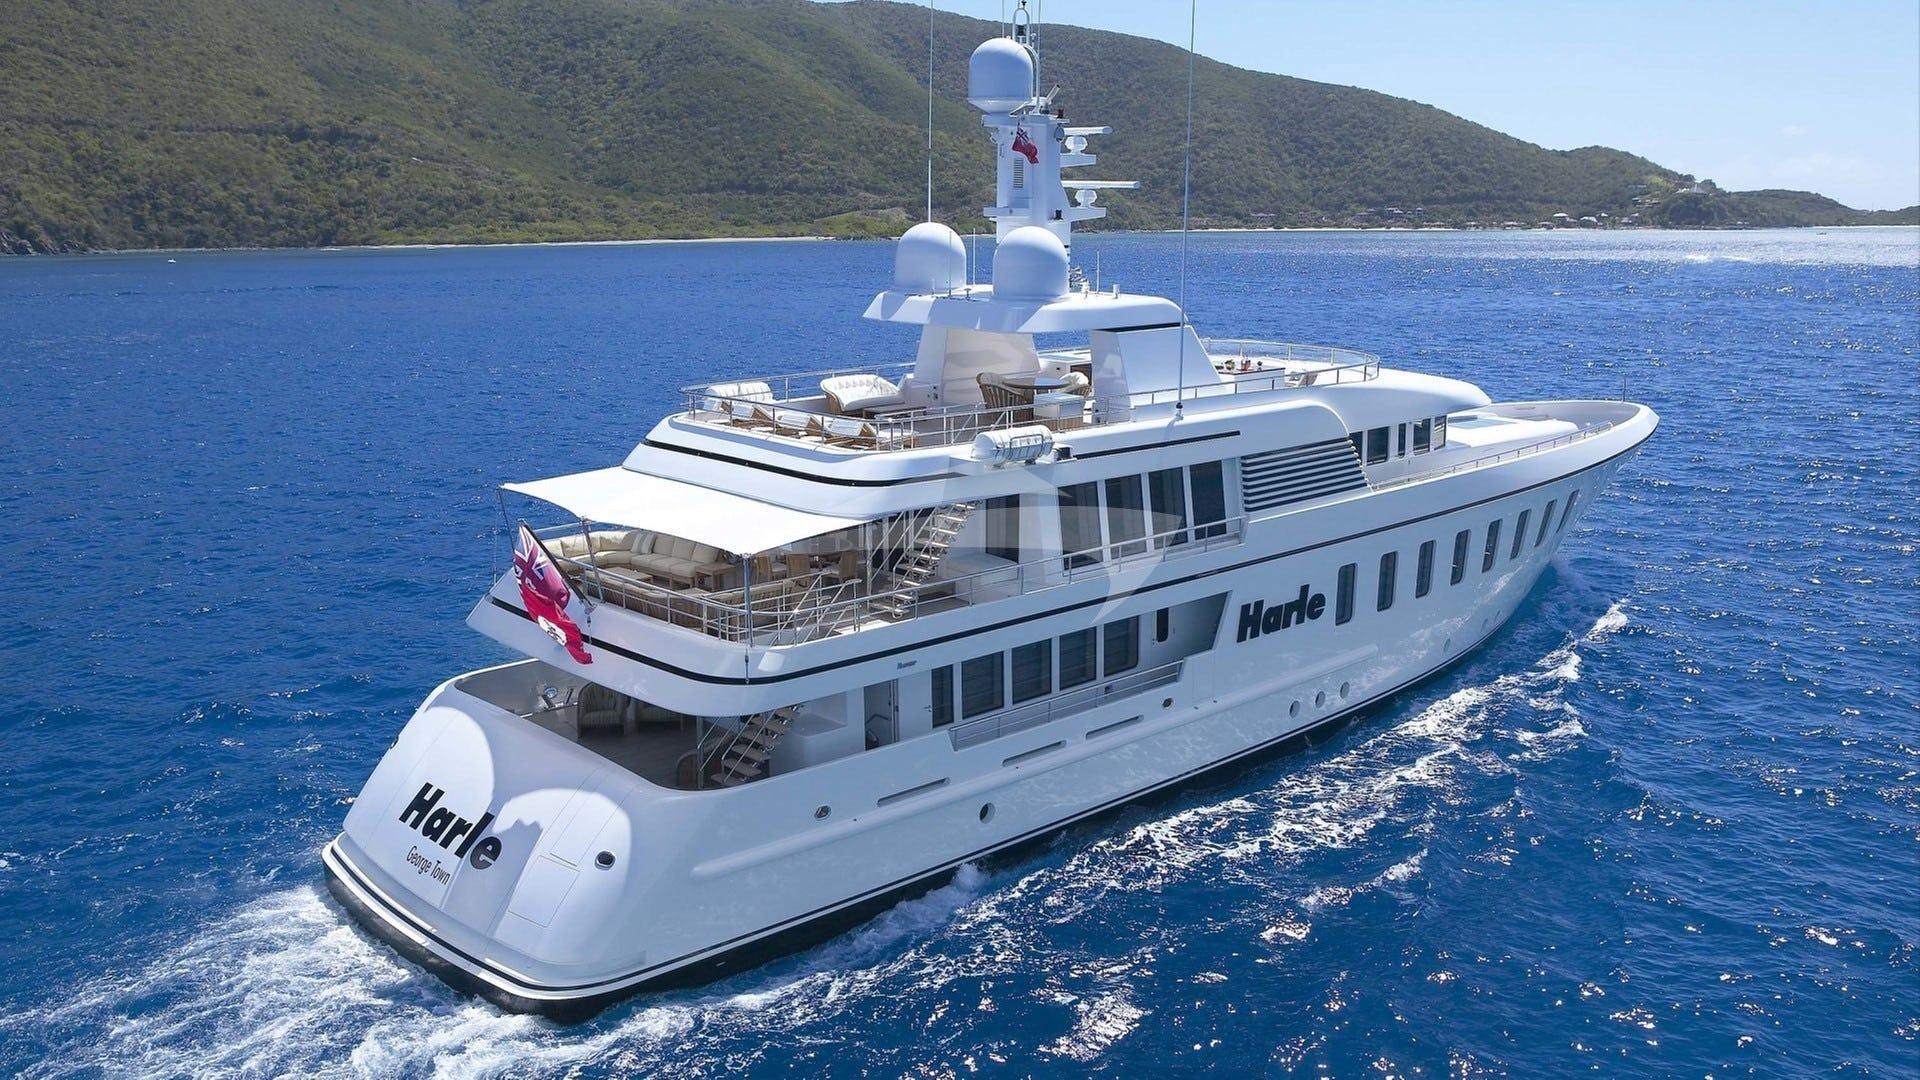 Yacht HARLE Charter Yacht